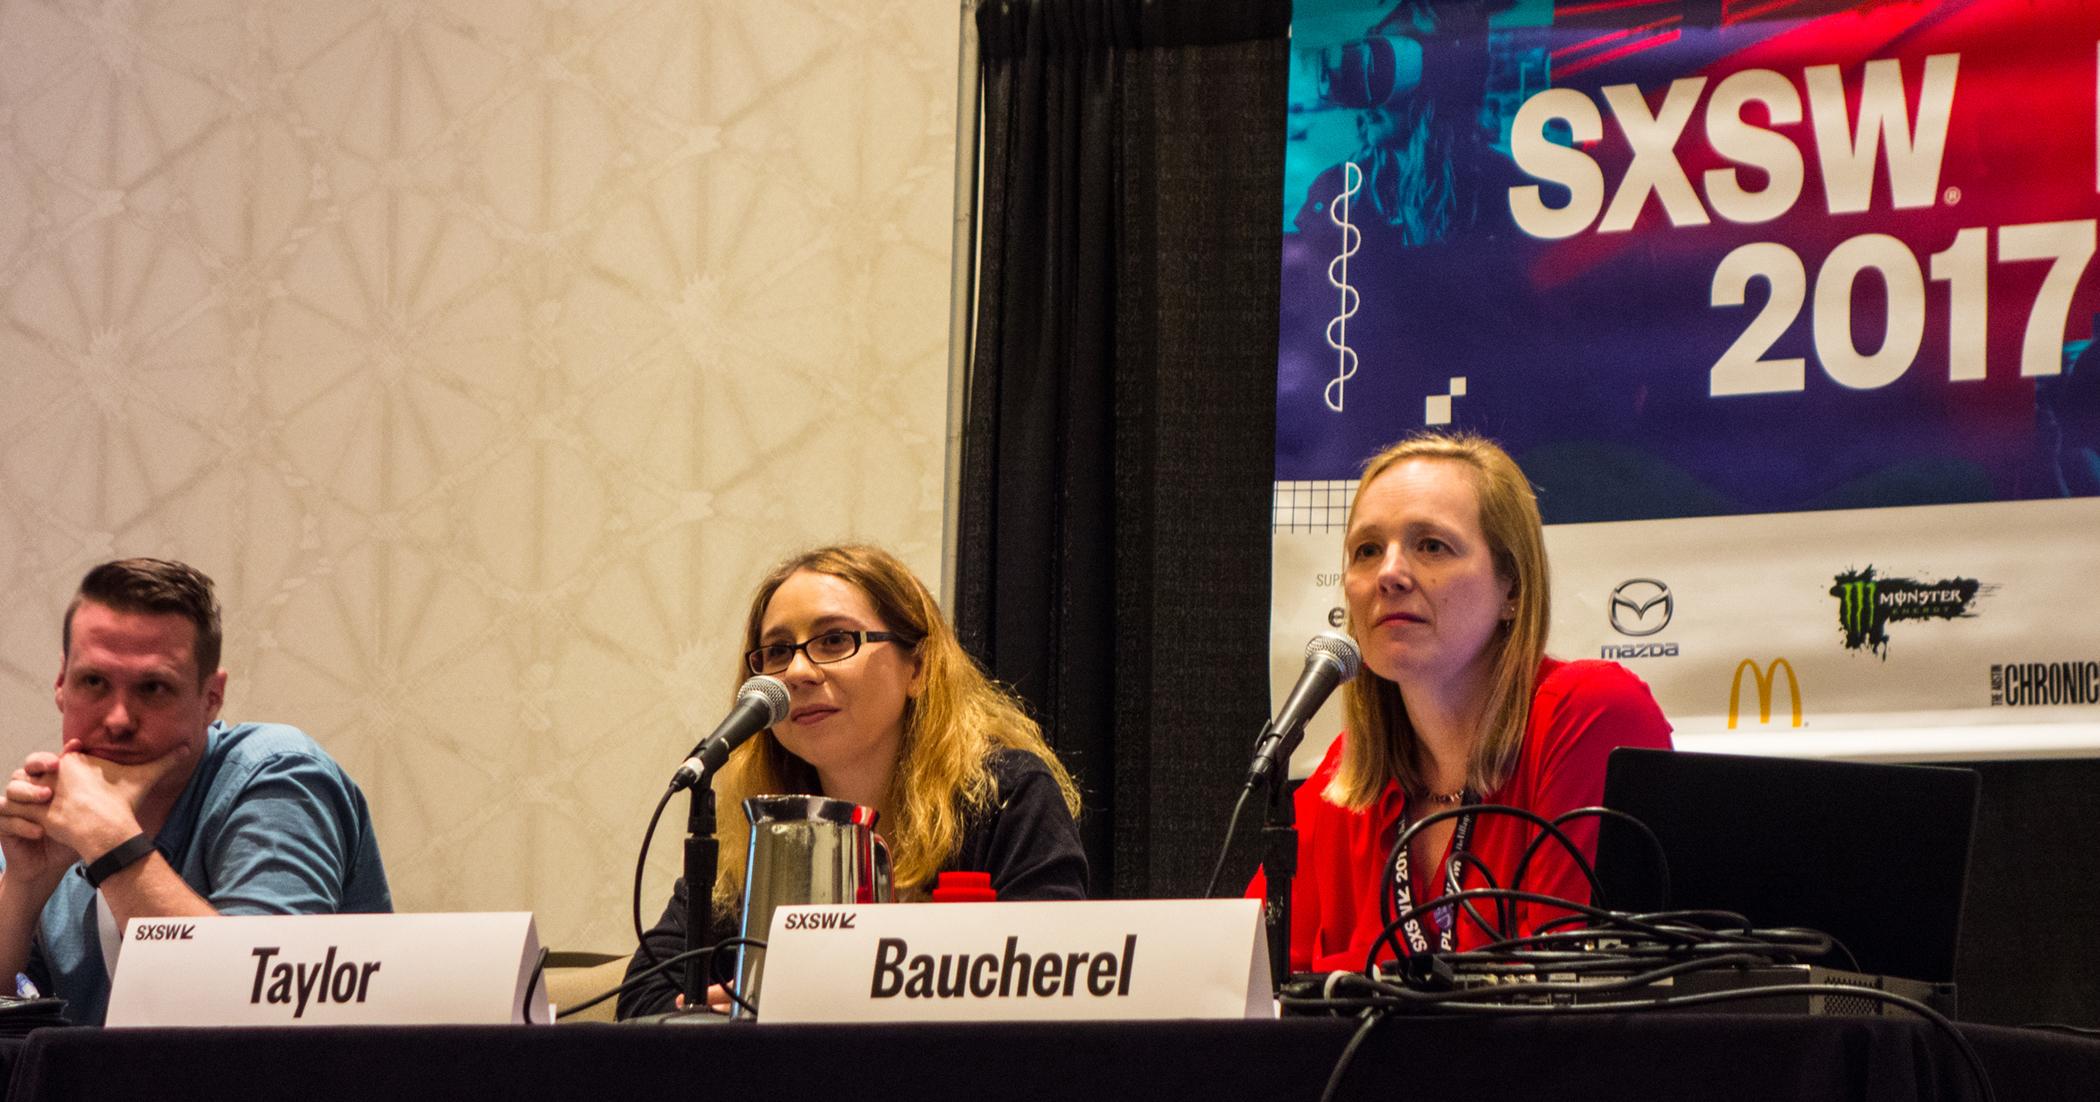 Speaking SXSW 2017 Panel